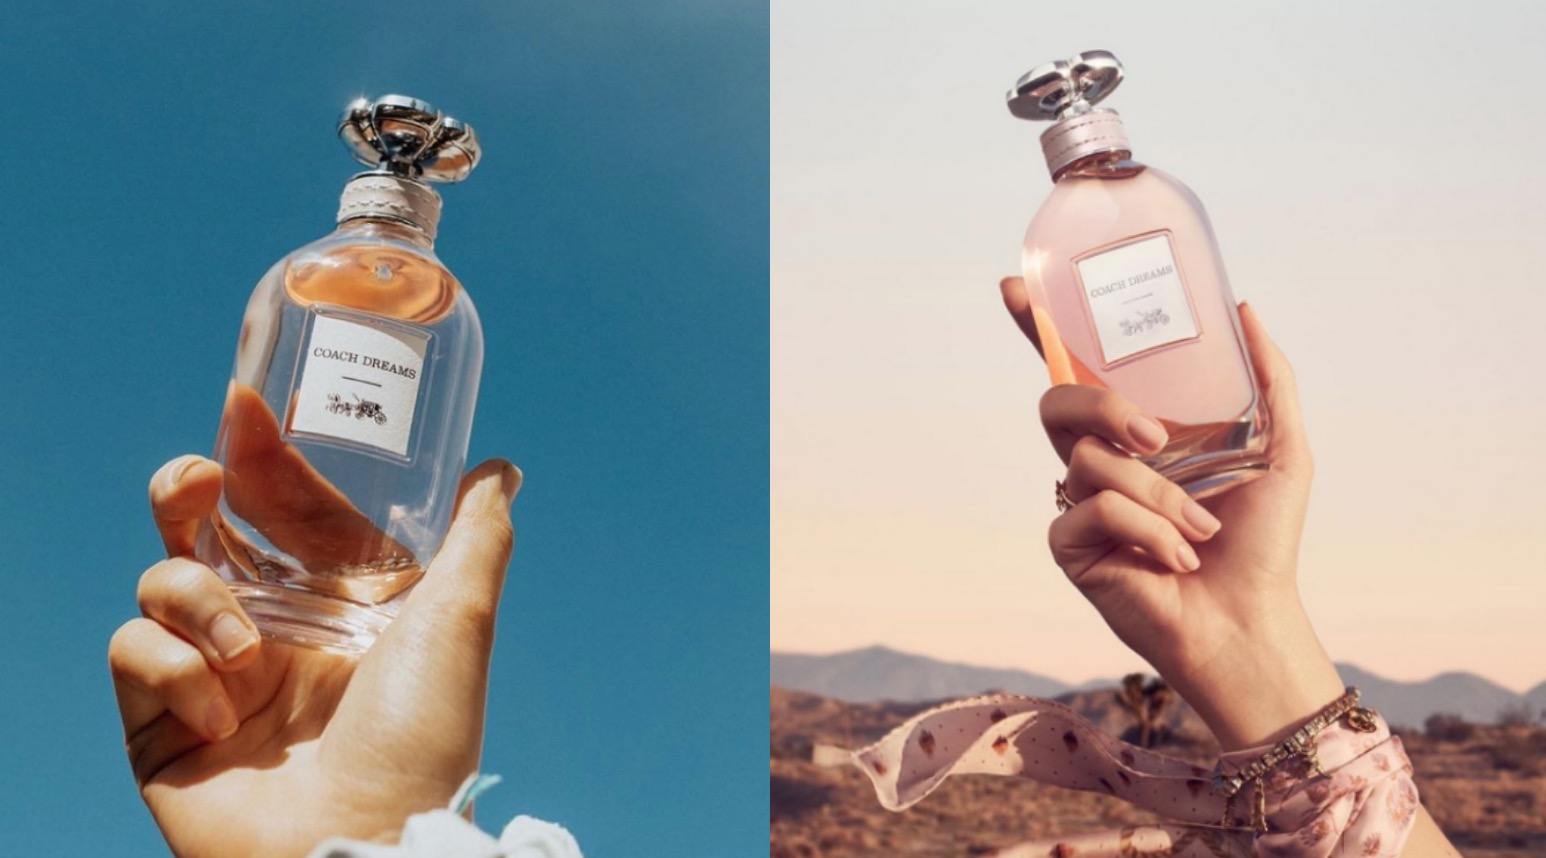 修長的瓶身象徵公路之旅,維持COACH香氛一貫的無瓶蓋設計